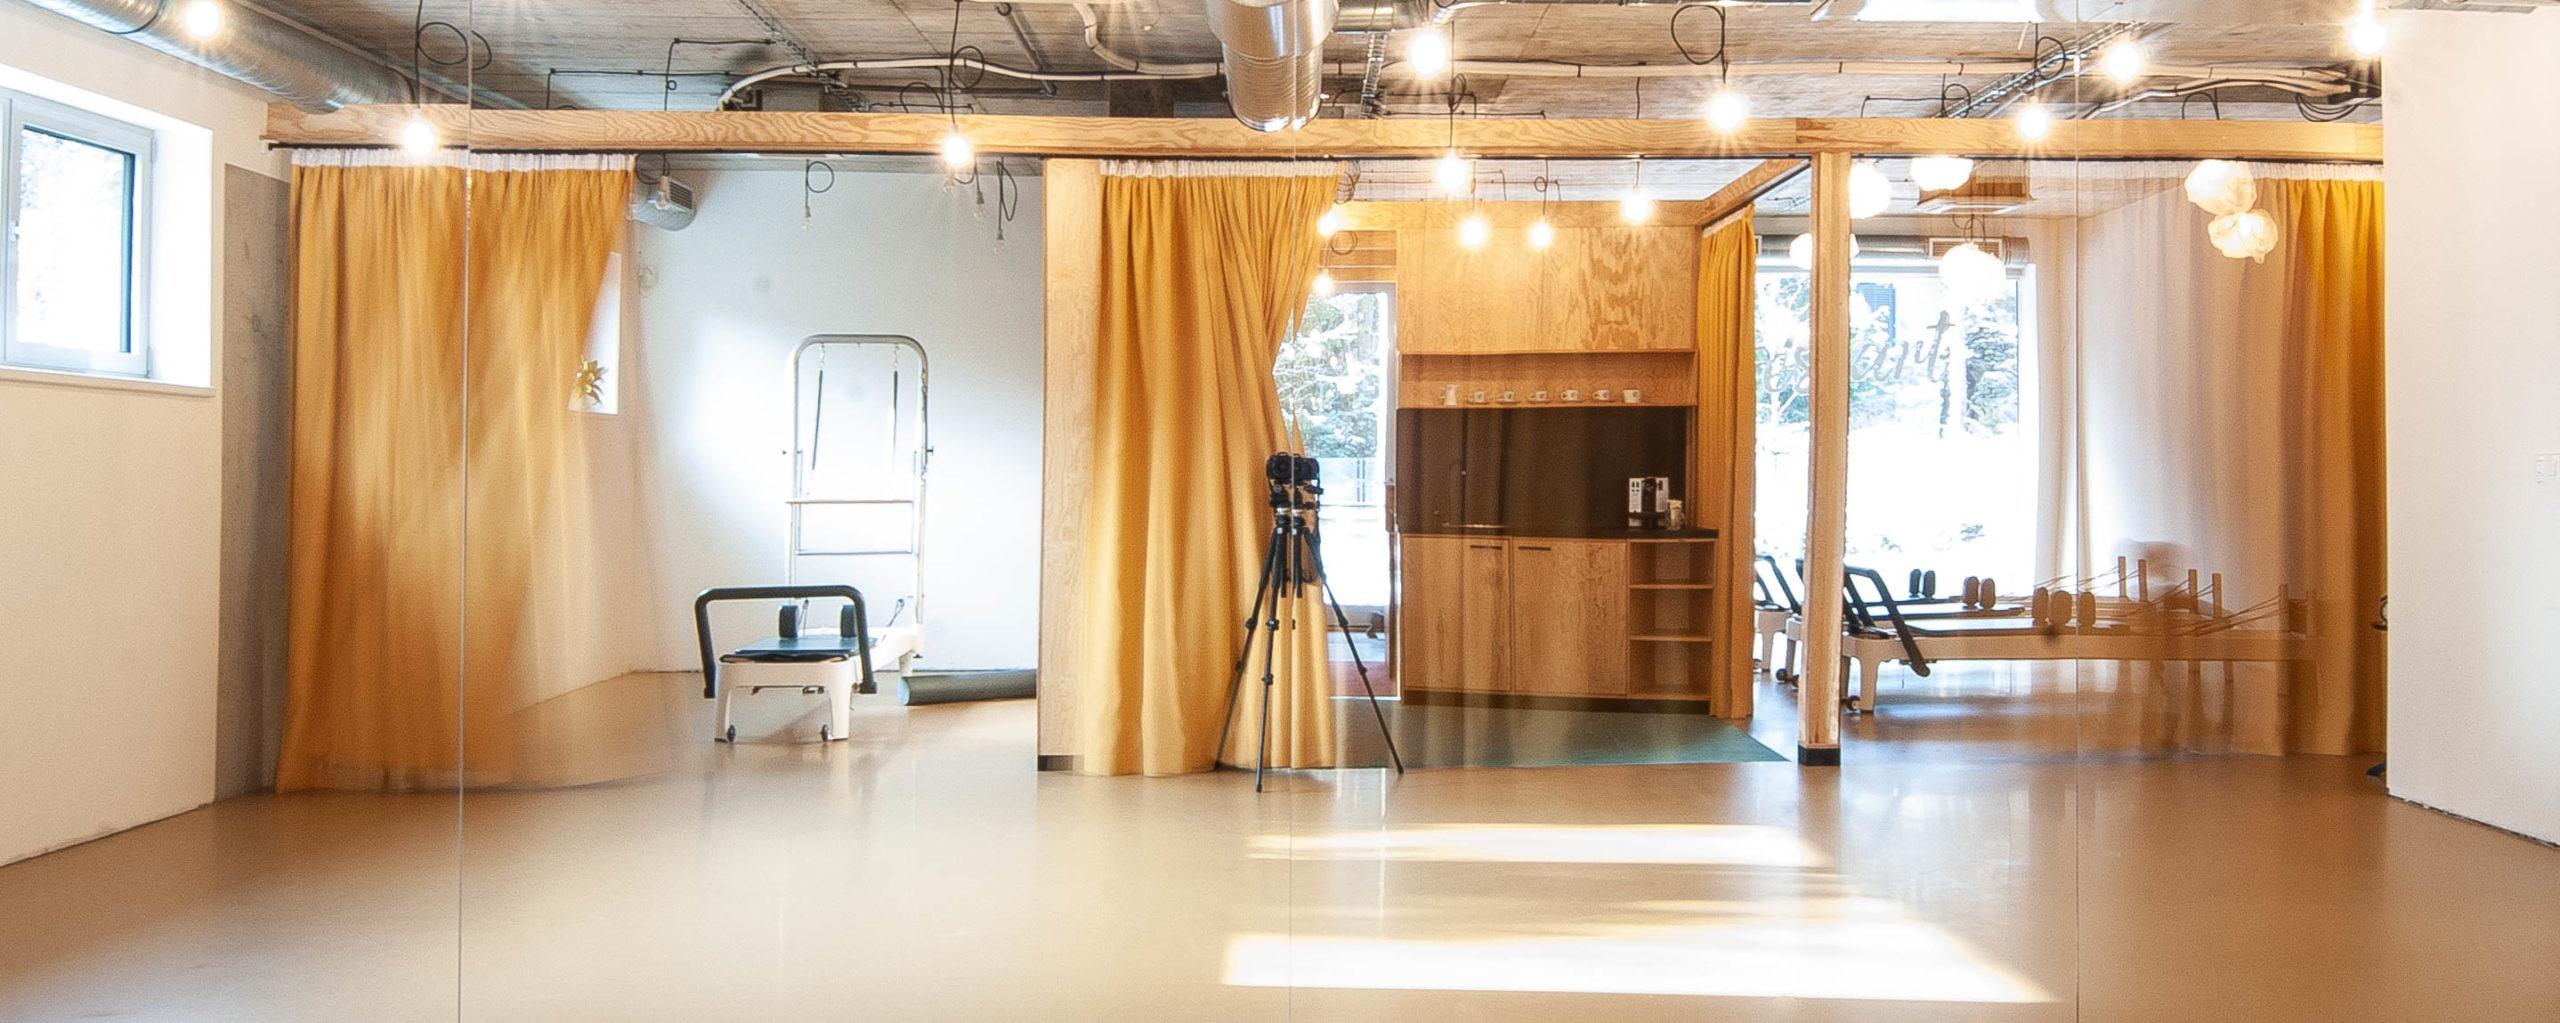 Studio Pilates Art v Klánovicích - jednotlivé zóny studia. Autor: Kurz architekti